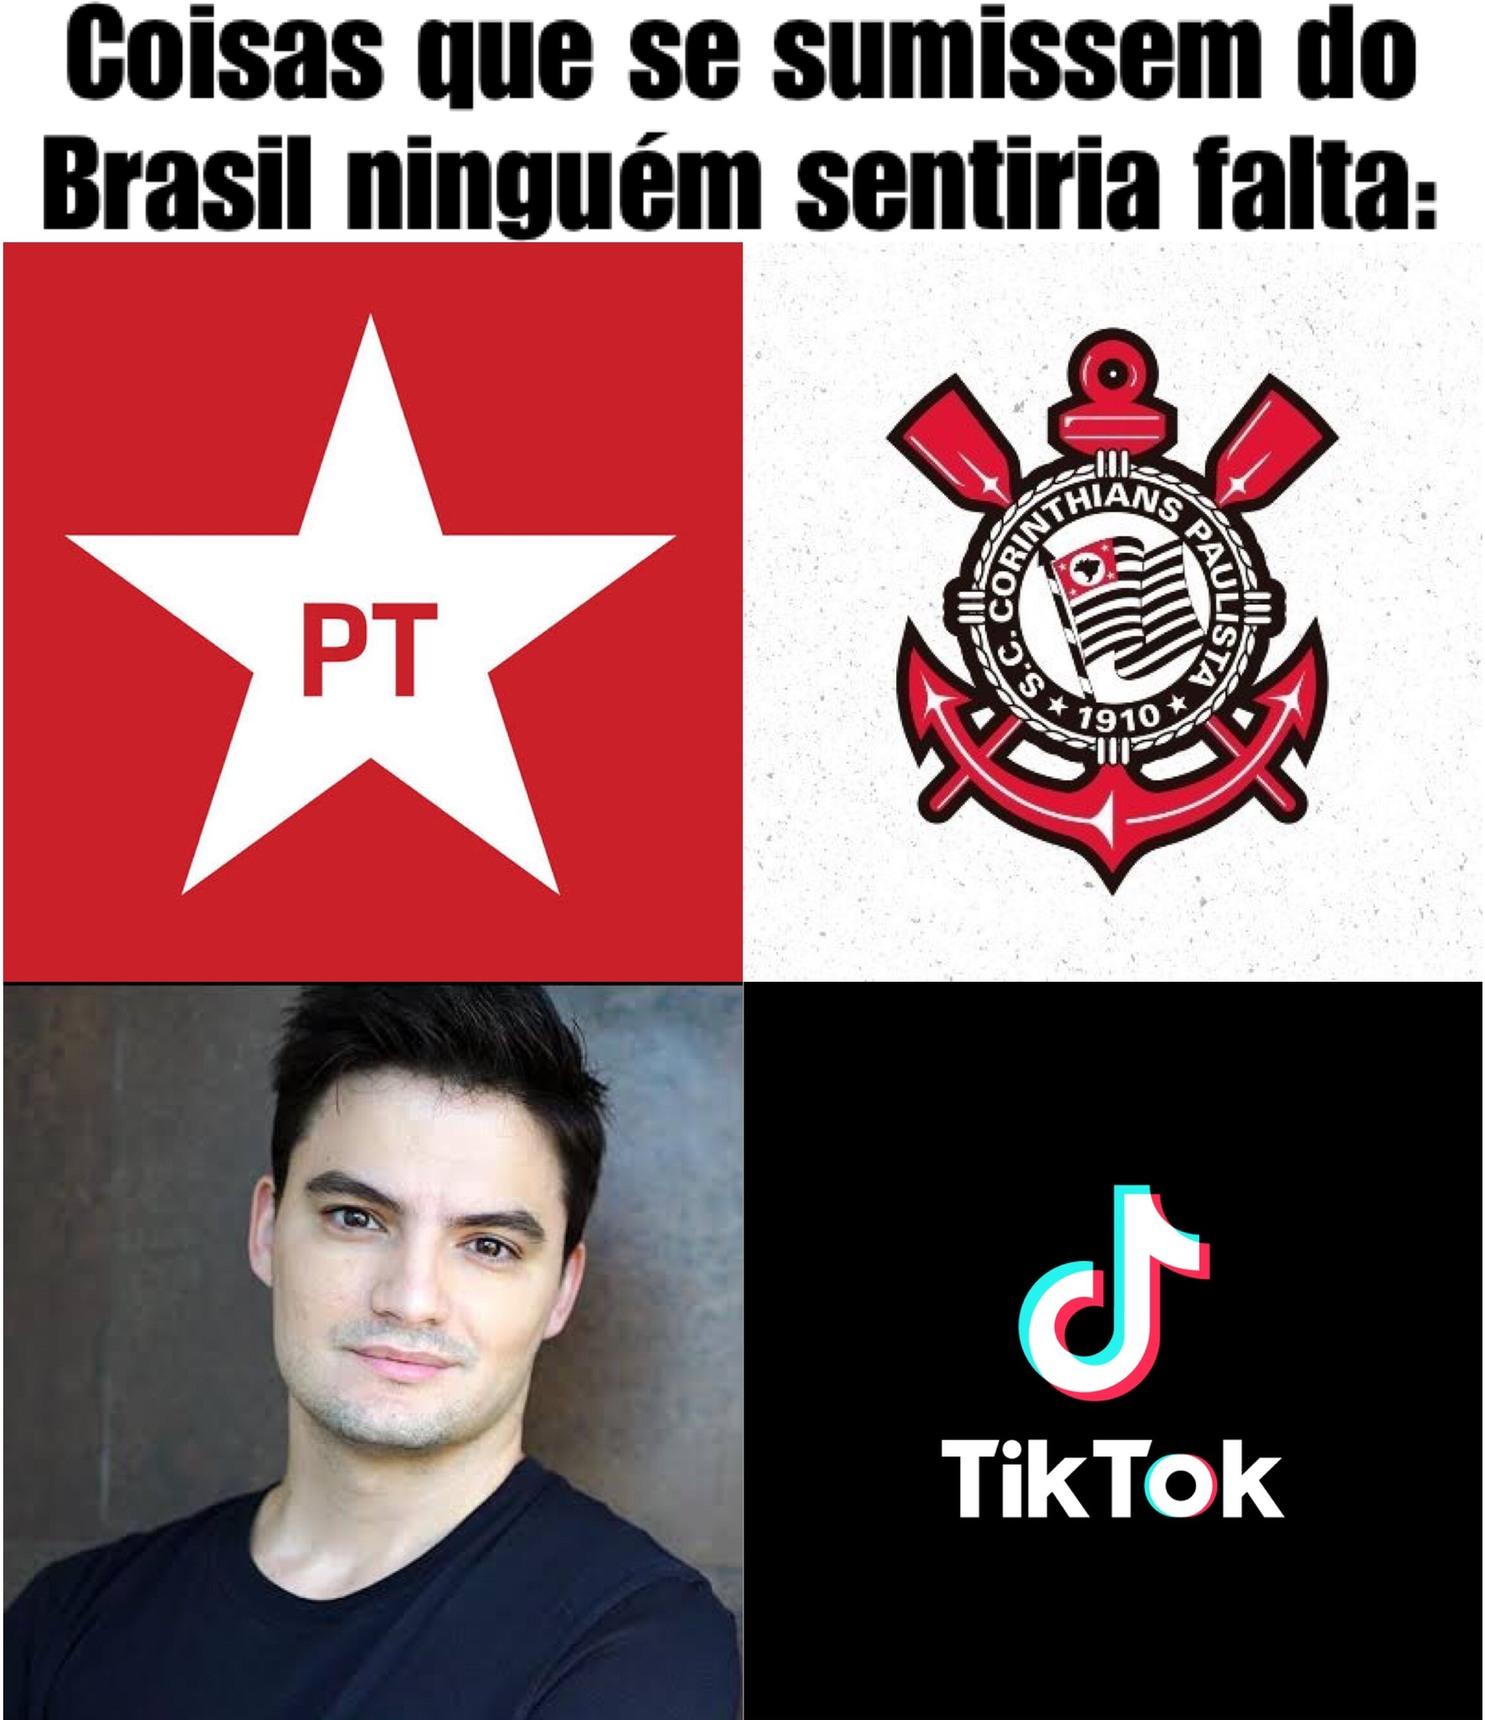 Imagens que geram repulsa aos brasileiros - meme